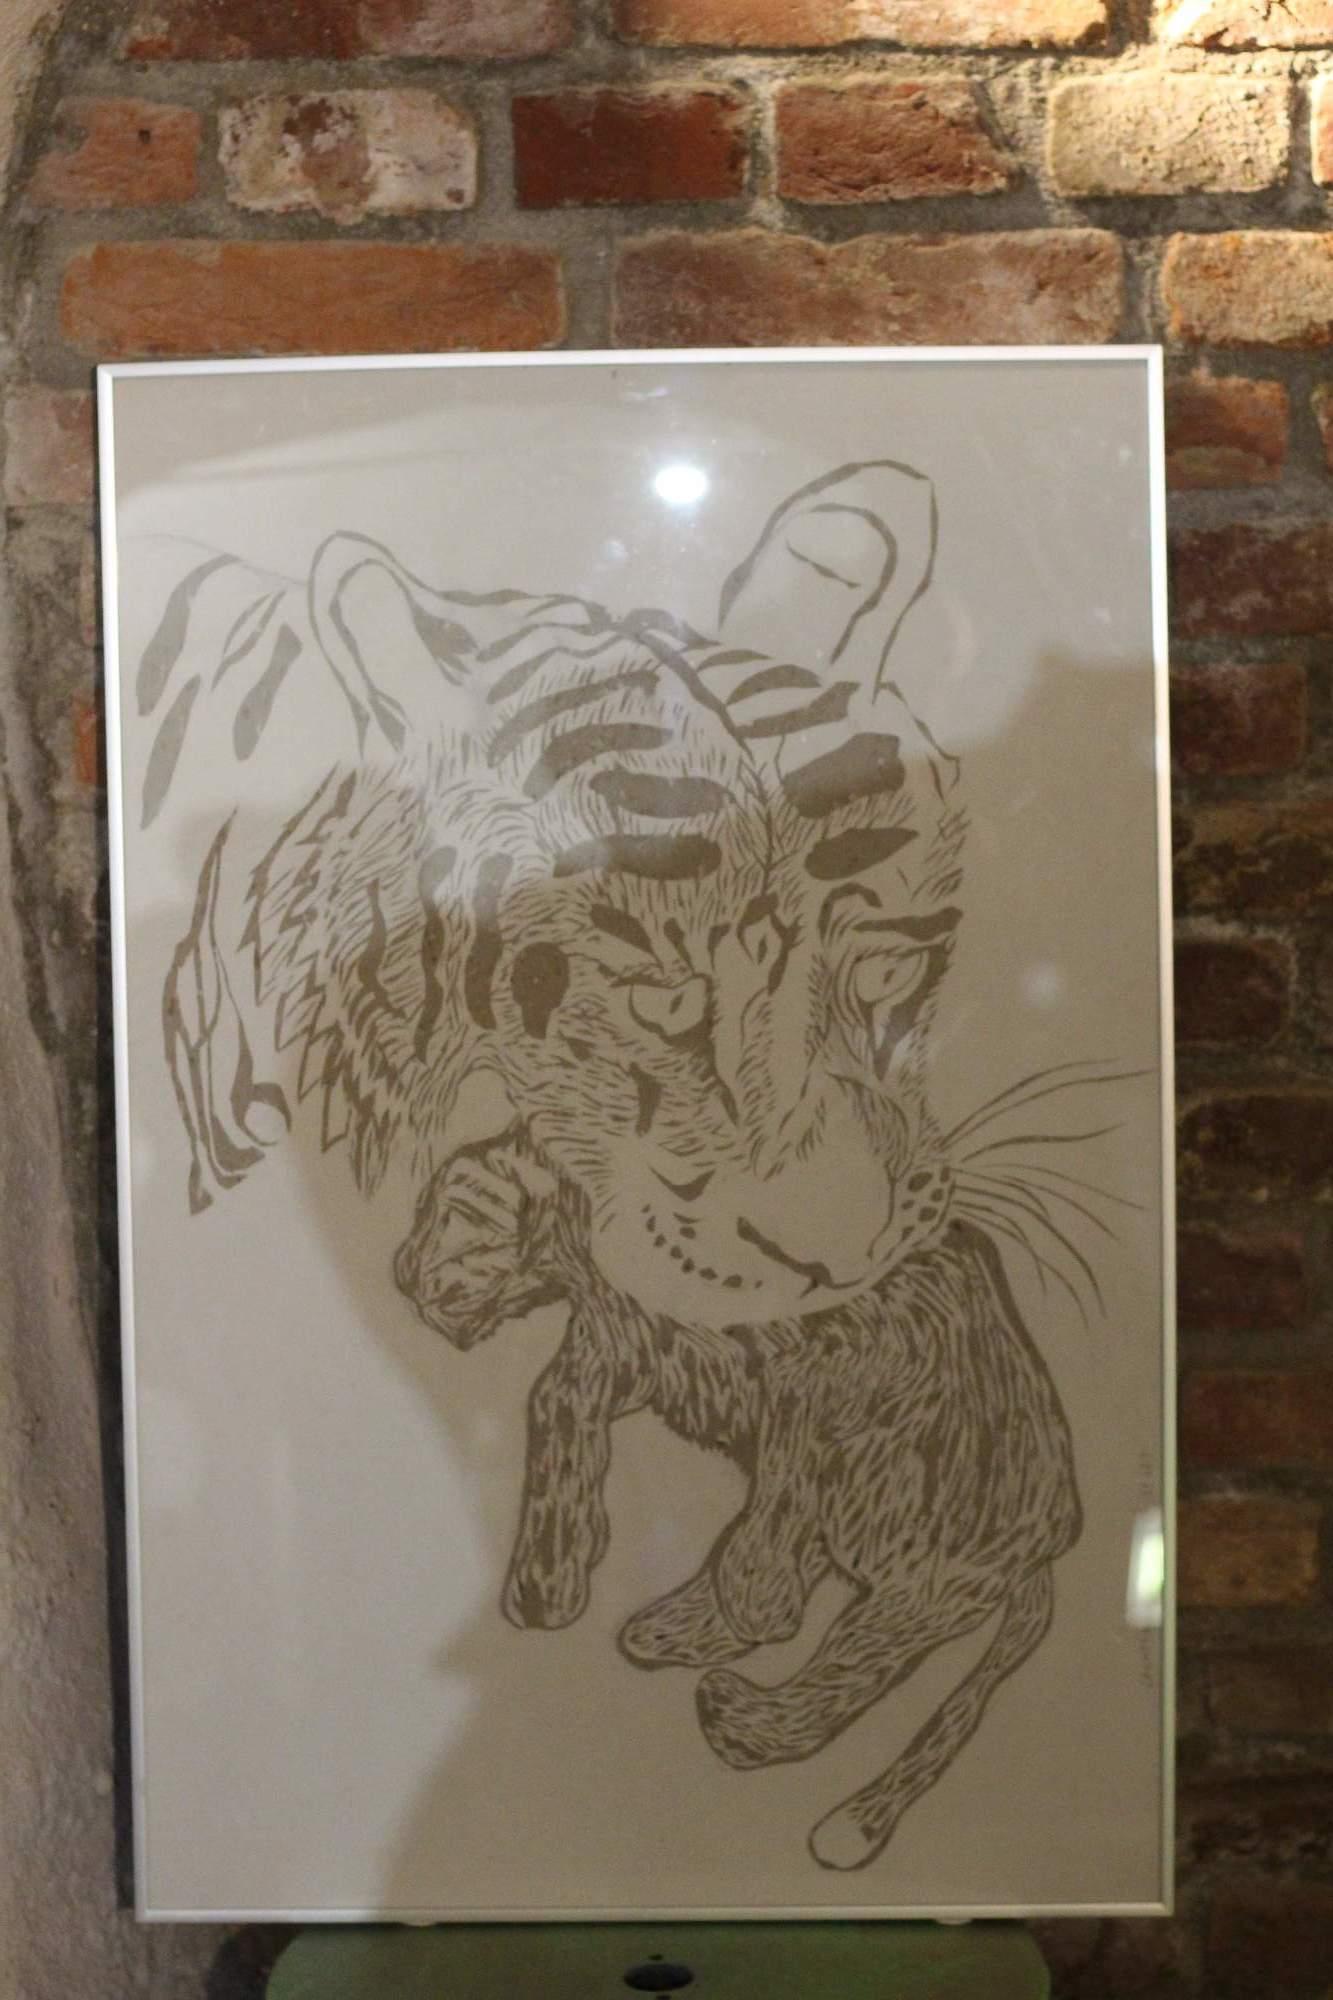 Tygr nesoucí své mládě. Foto: Tomáš Siřinek